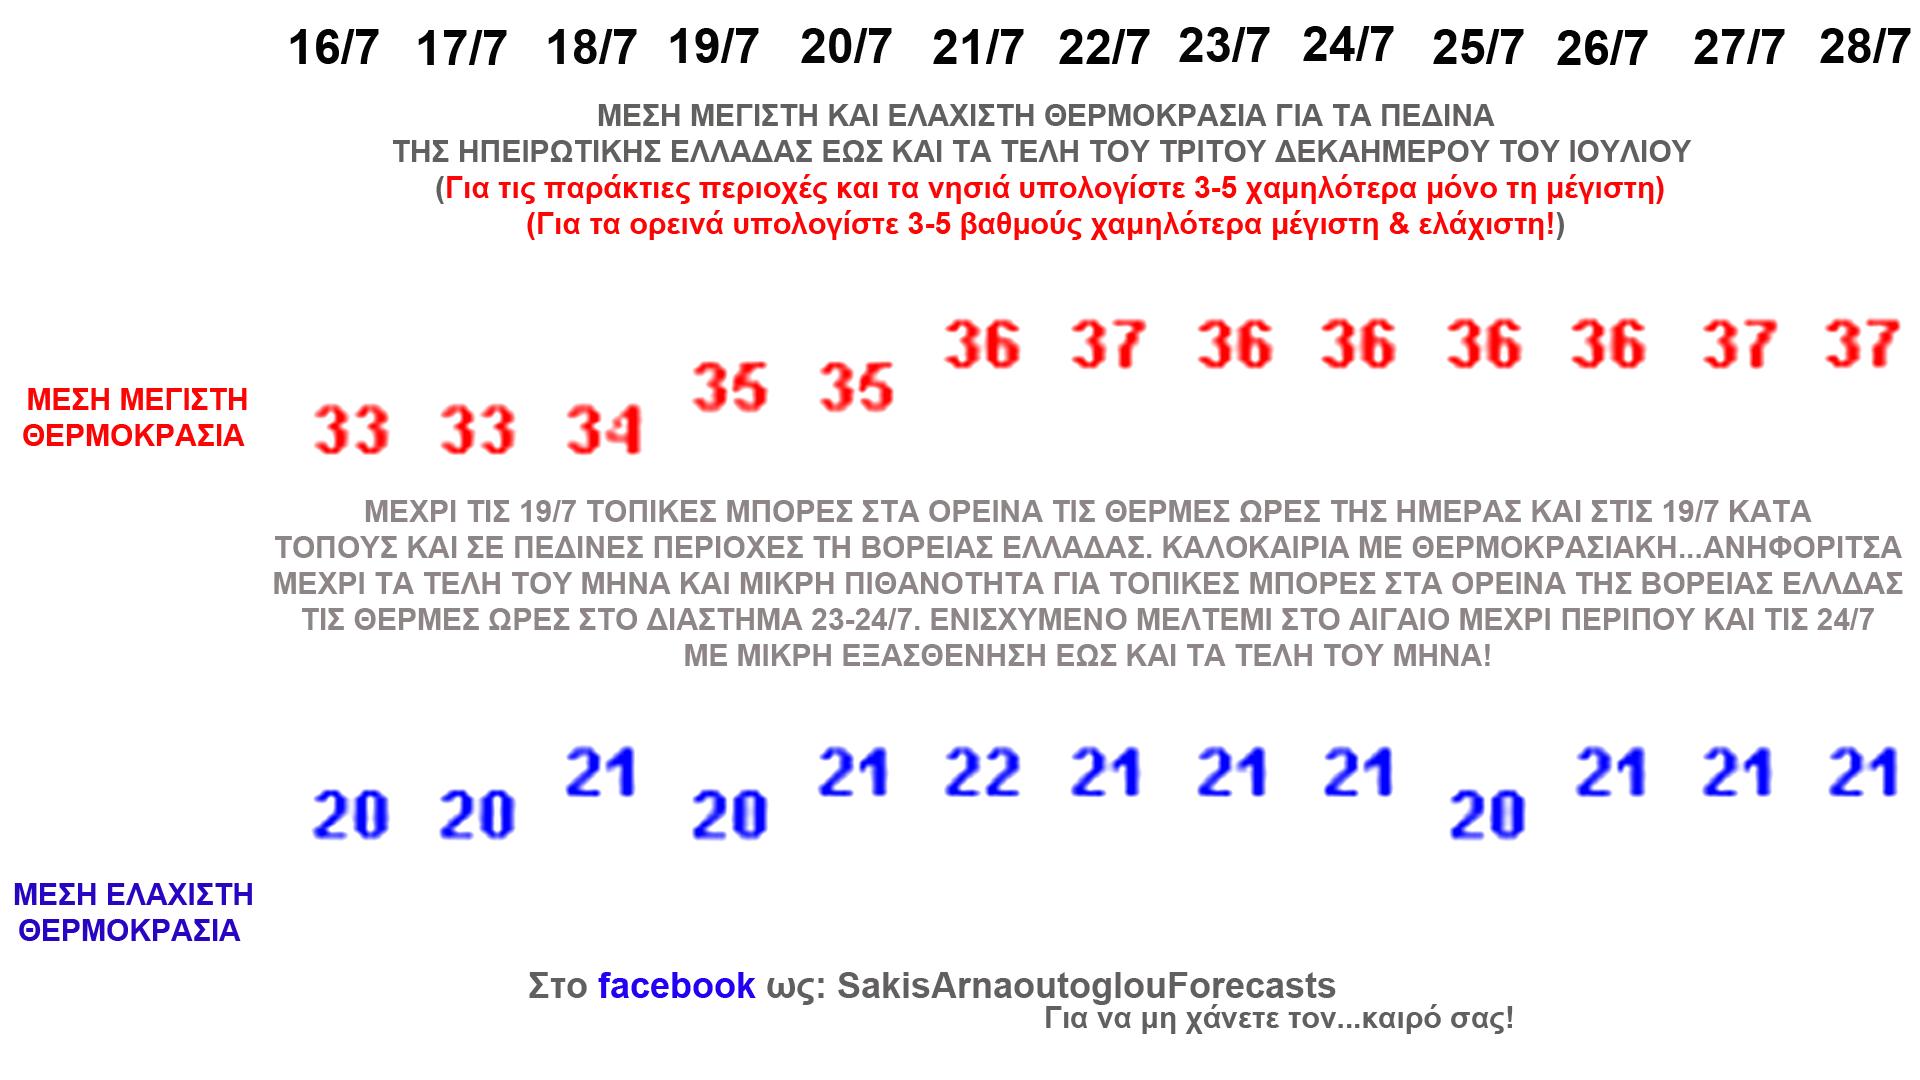 Καιρός: Ο Ιούλιος κλείνει με 37άρια - Η πρόβλεψη του μετεωρολόγου Σάκη Αρναούτογλου [πίνακας]